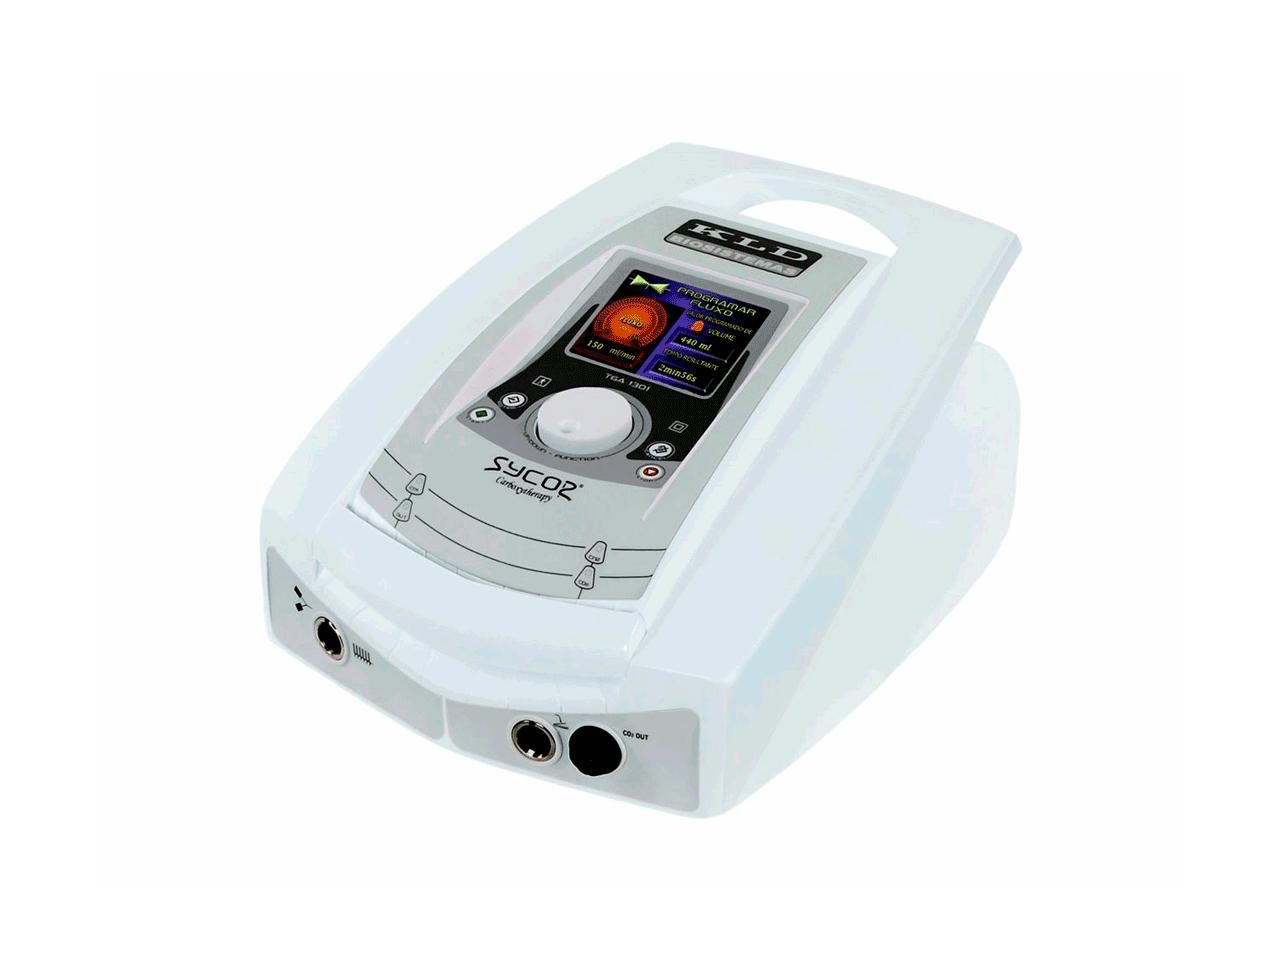 /sycor-kld-aparelho-de-carboxiterapia-c-gas-aquecido-p-ME01979A?CORES=BRANCO